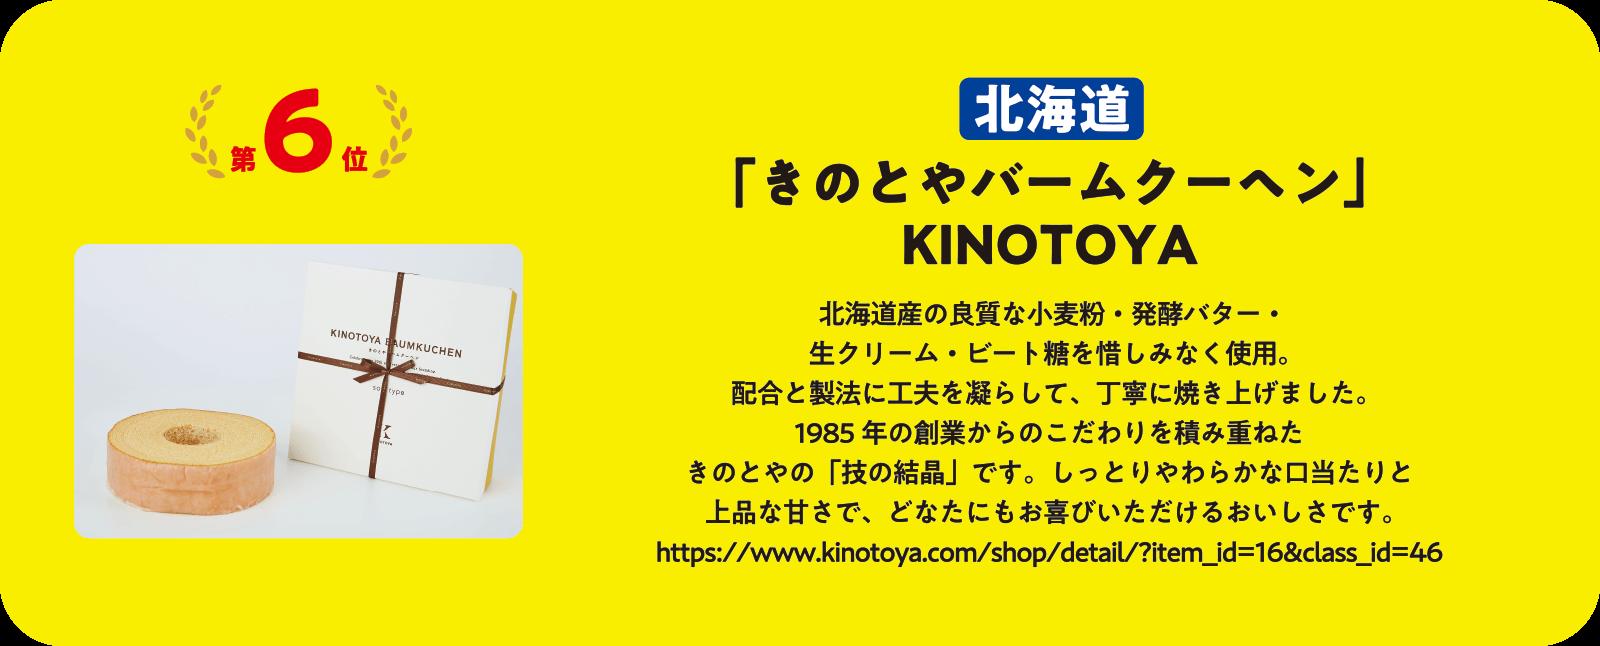 「きのとやバームクーヘン」 KINOTOYA